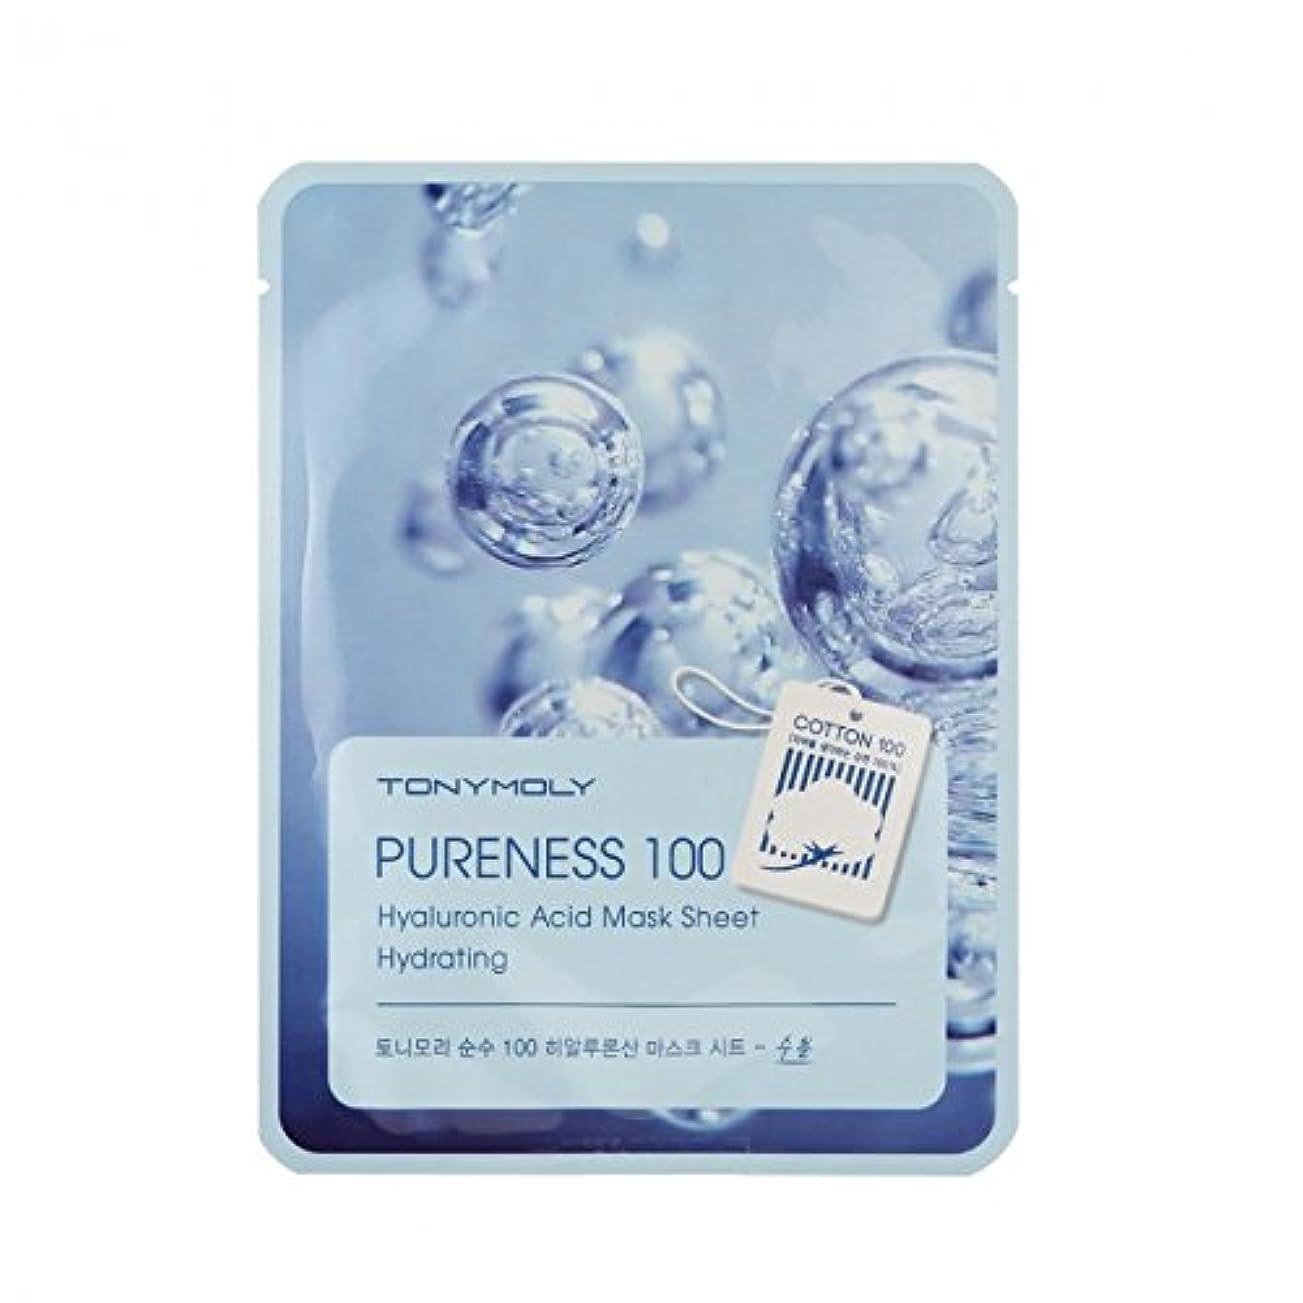 センブランスミルク海港TONYMOLY Pureness 100 Hyaluronic Acid Mask Sheet Hydrating (並行輸入品)